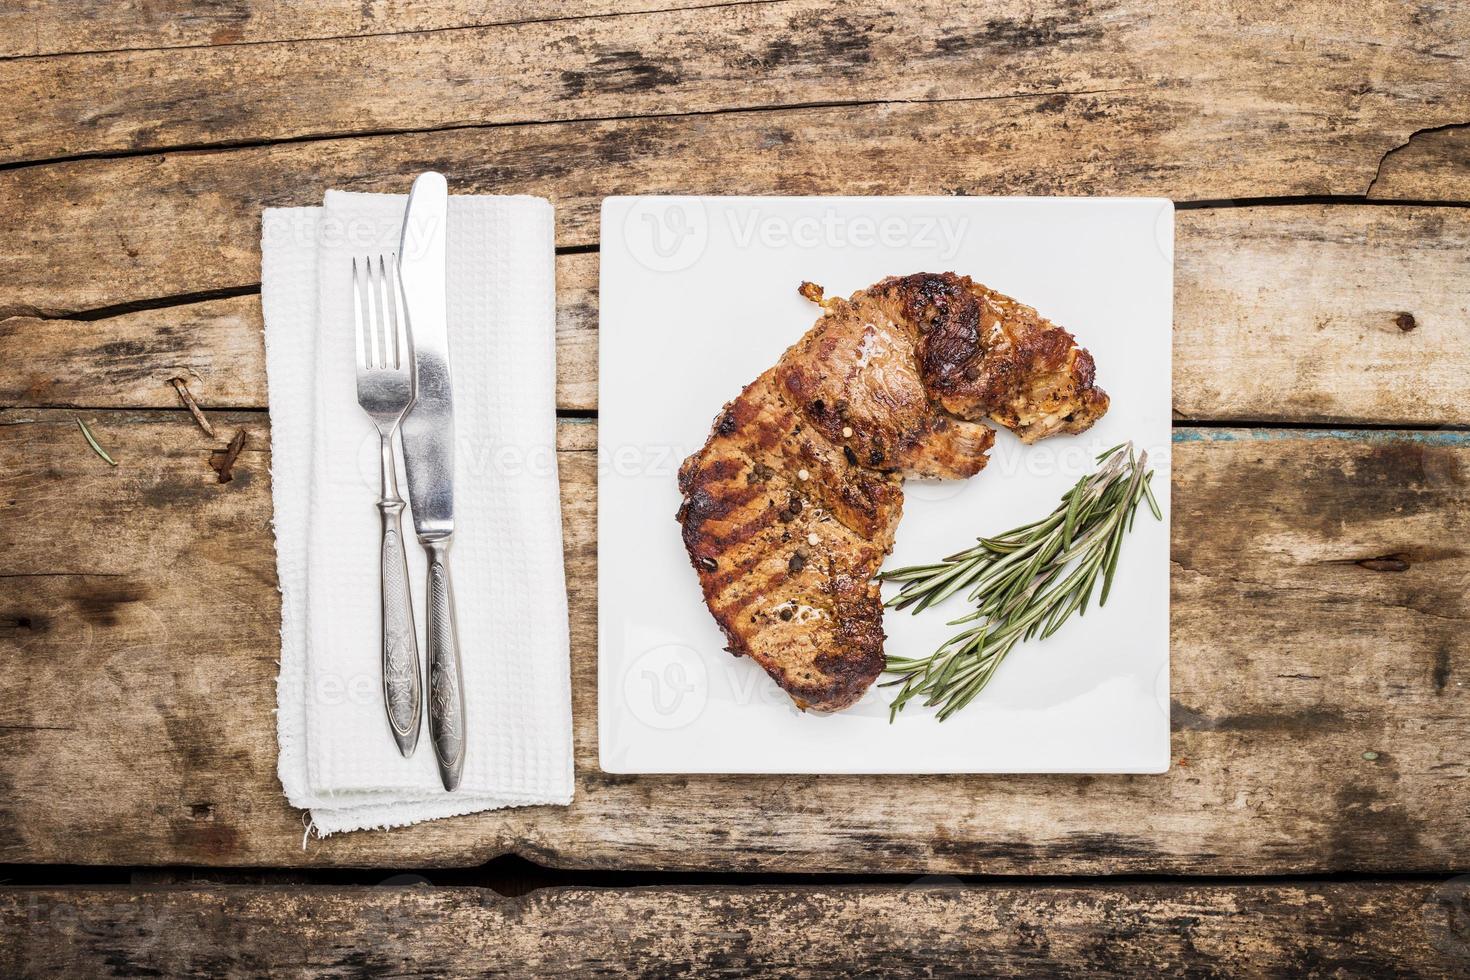 Steak de bœuf grillé décoré de bouquet de romarin photo